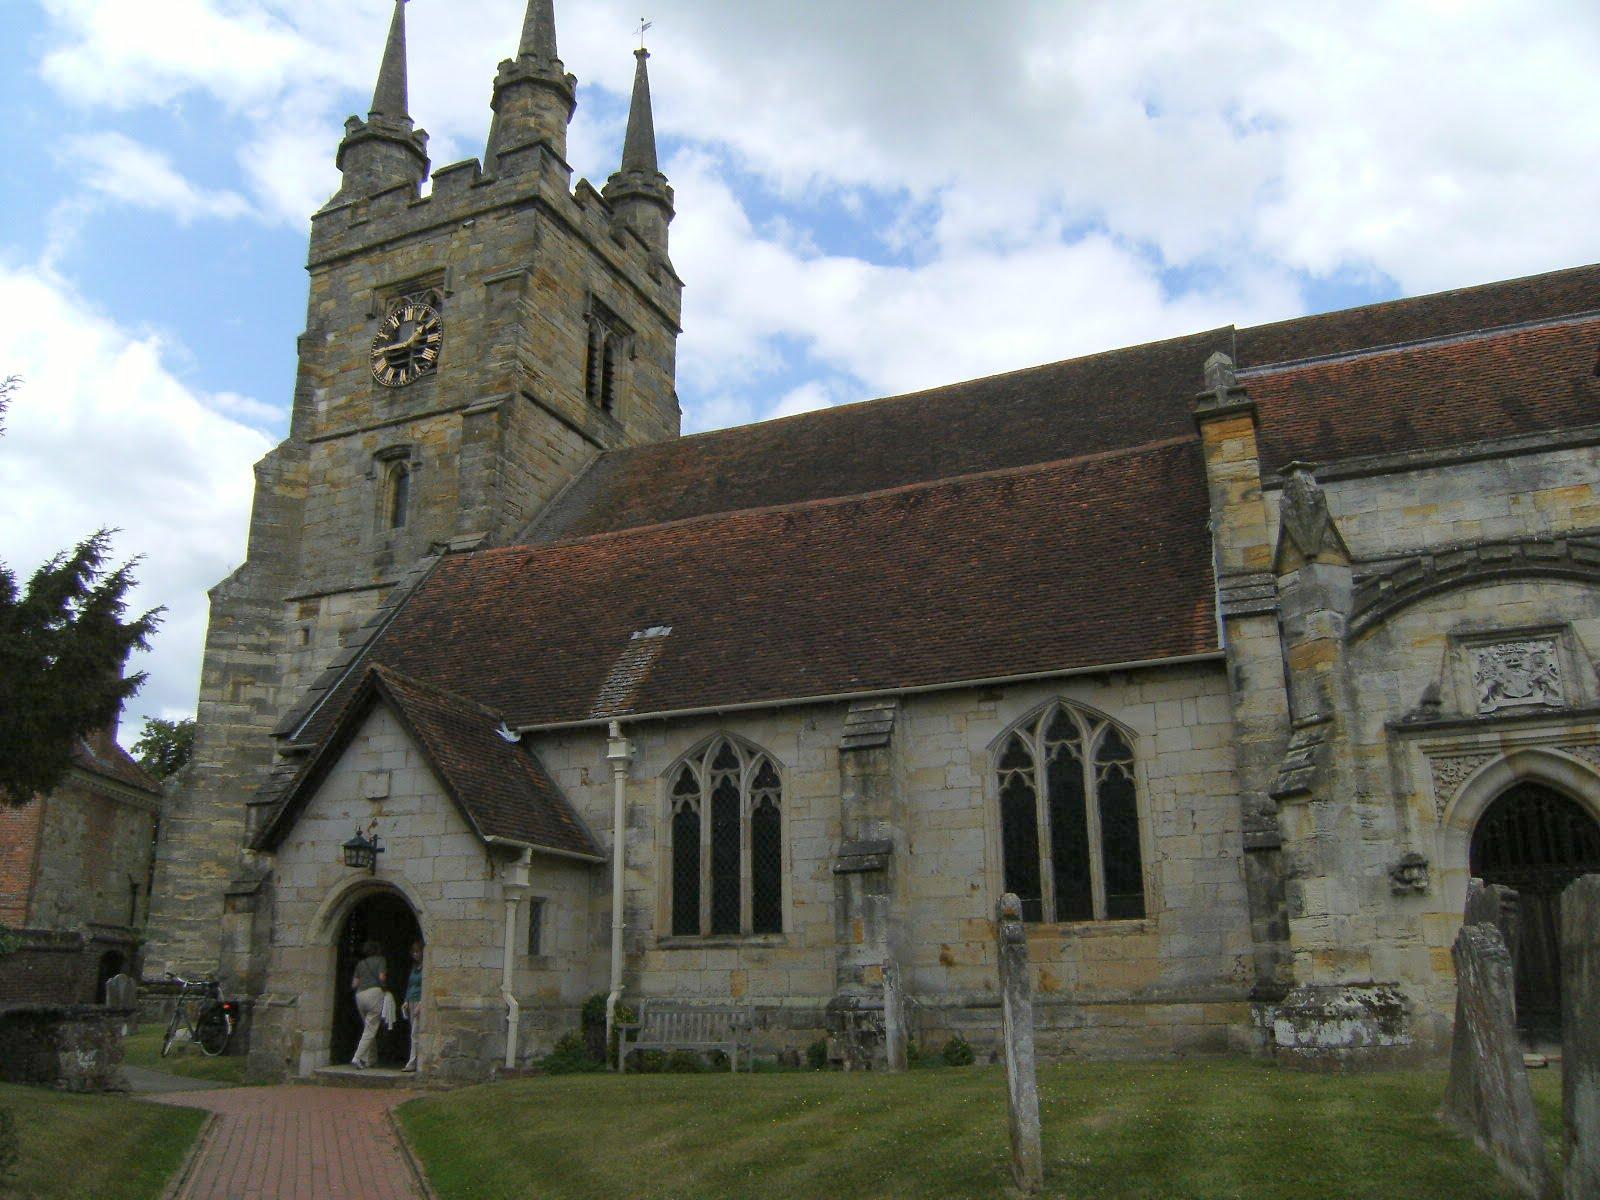 DSCF1002 St John the Baptist Church, Penshurst